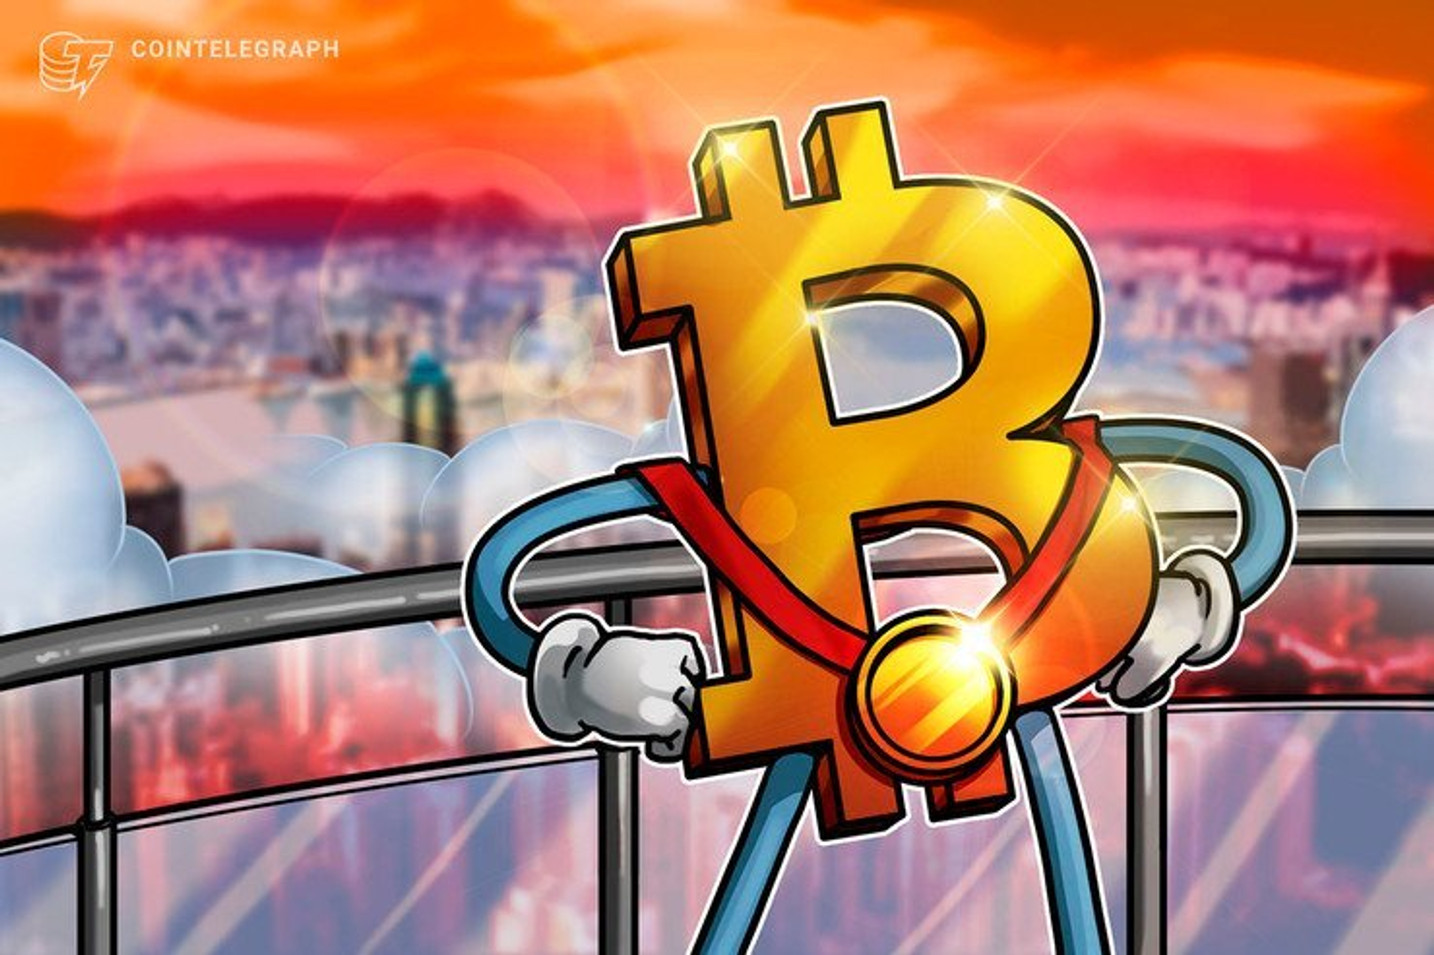 'Quando você ouvir falar de Miner Capitulation, compre Bitcoin', diz analista